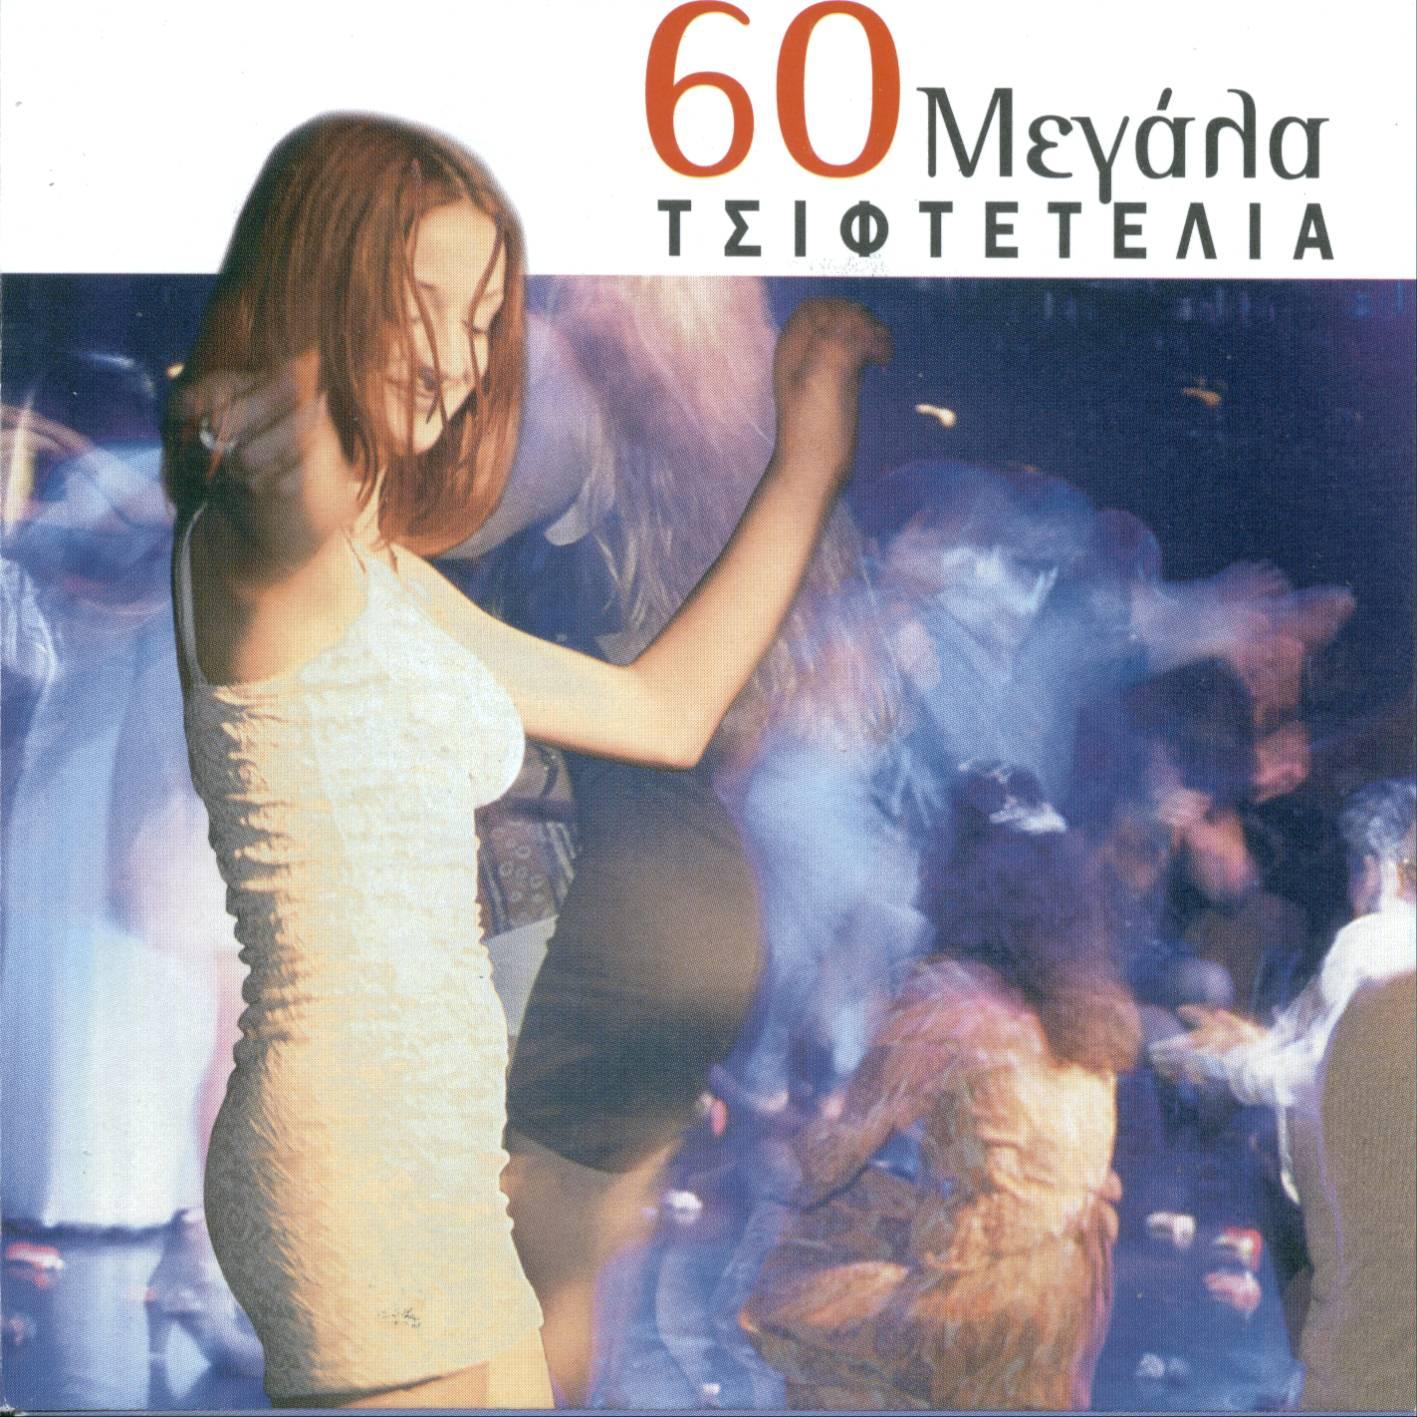 Various Artists - 60 Megala Tsiftetelia (4 CD Box Set) - Vol. I (2001)